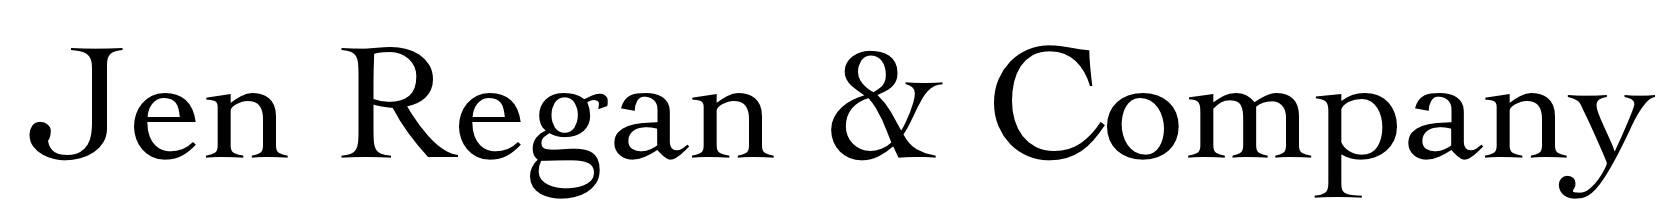 Jen Regan & Company